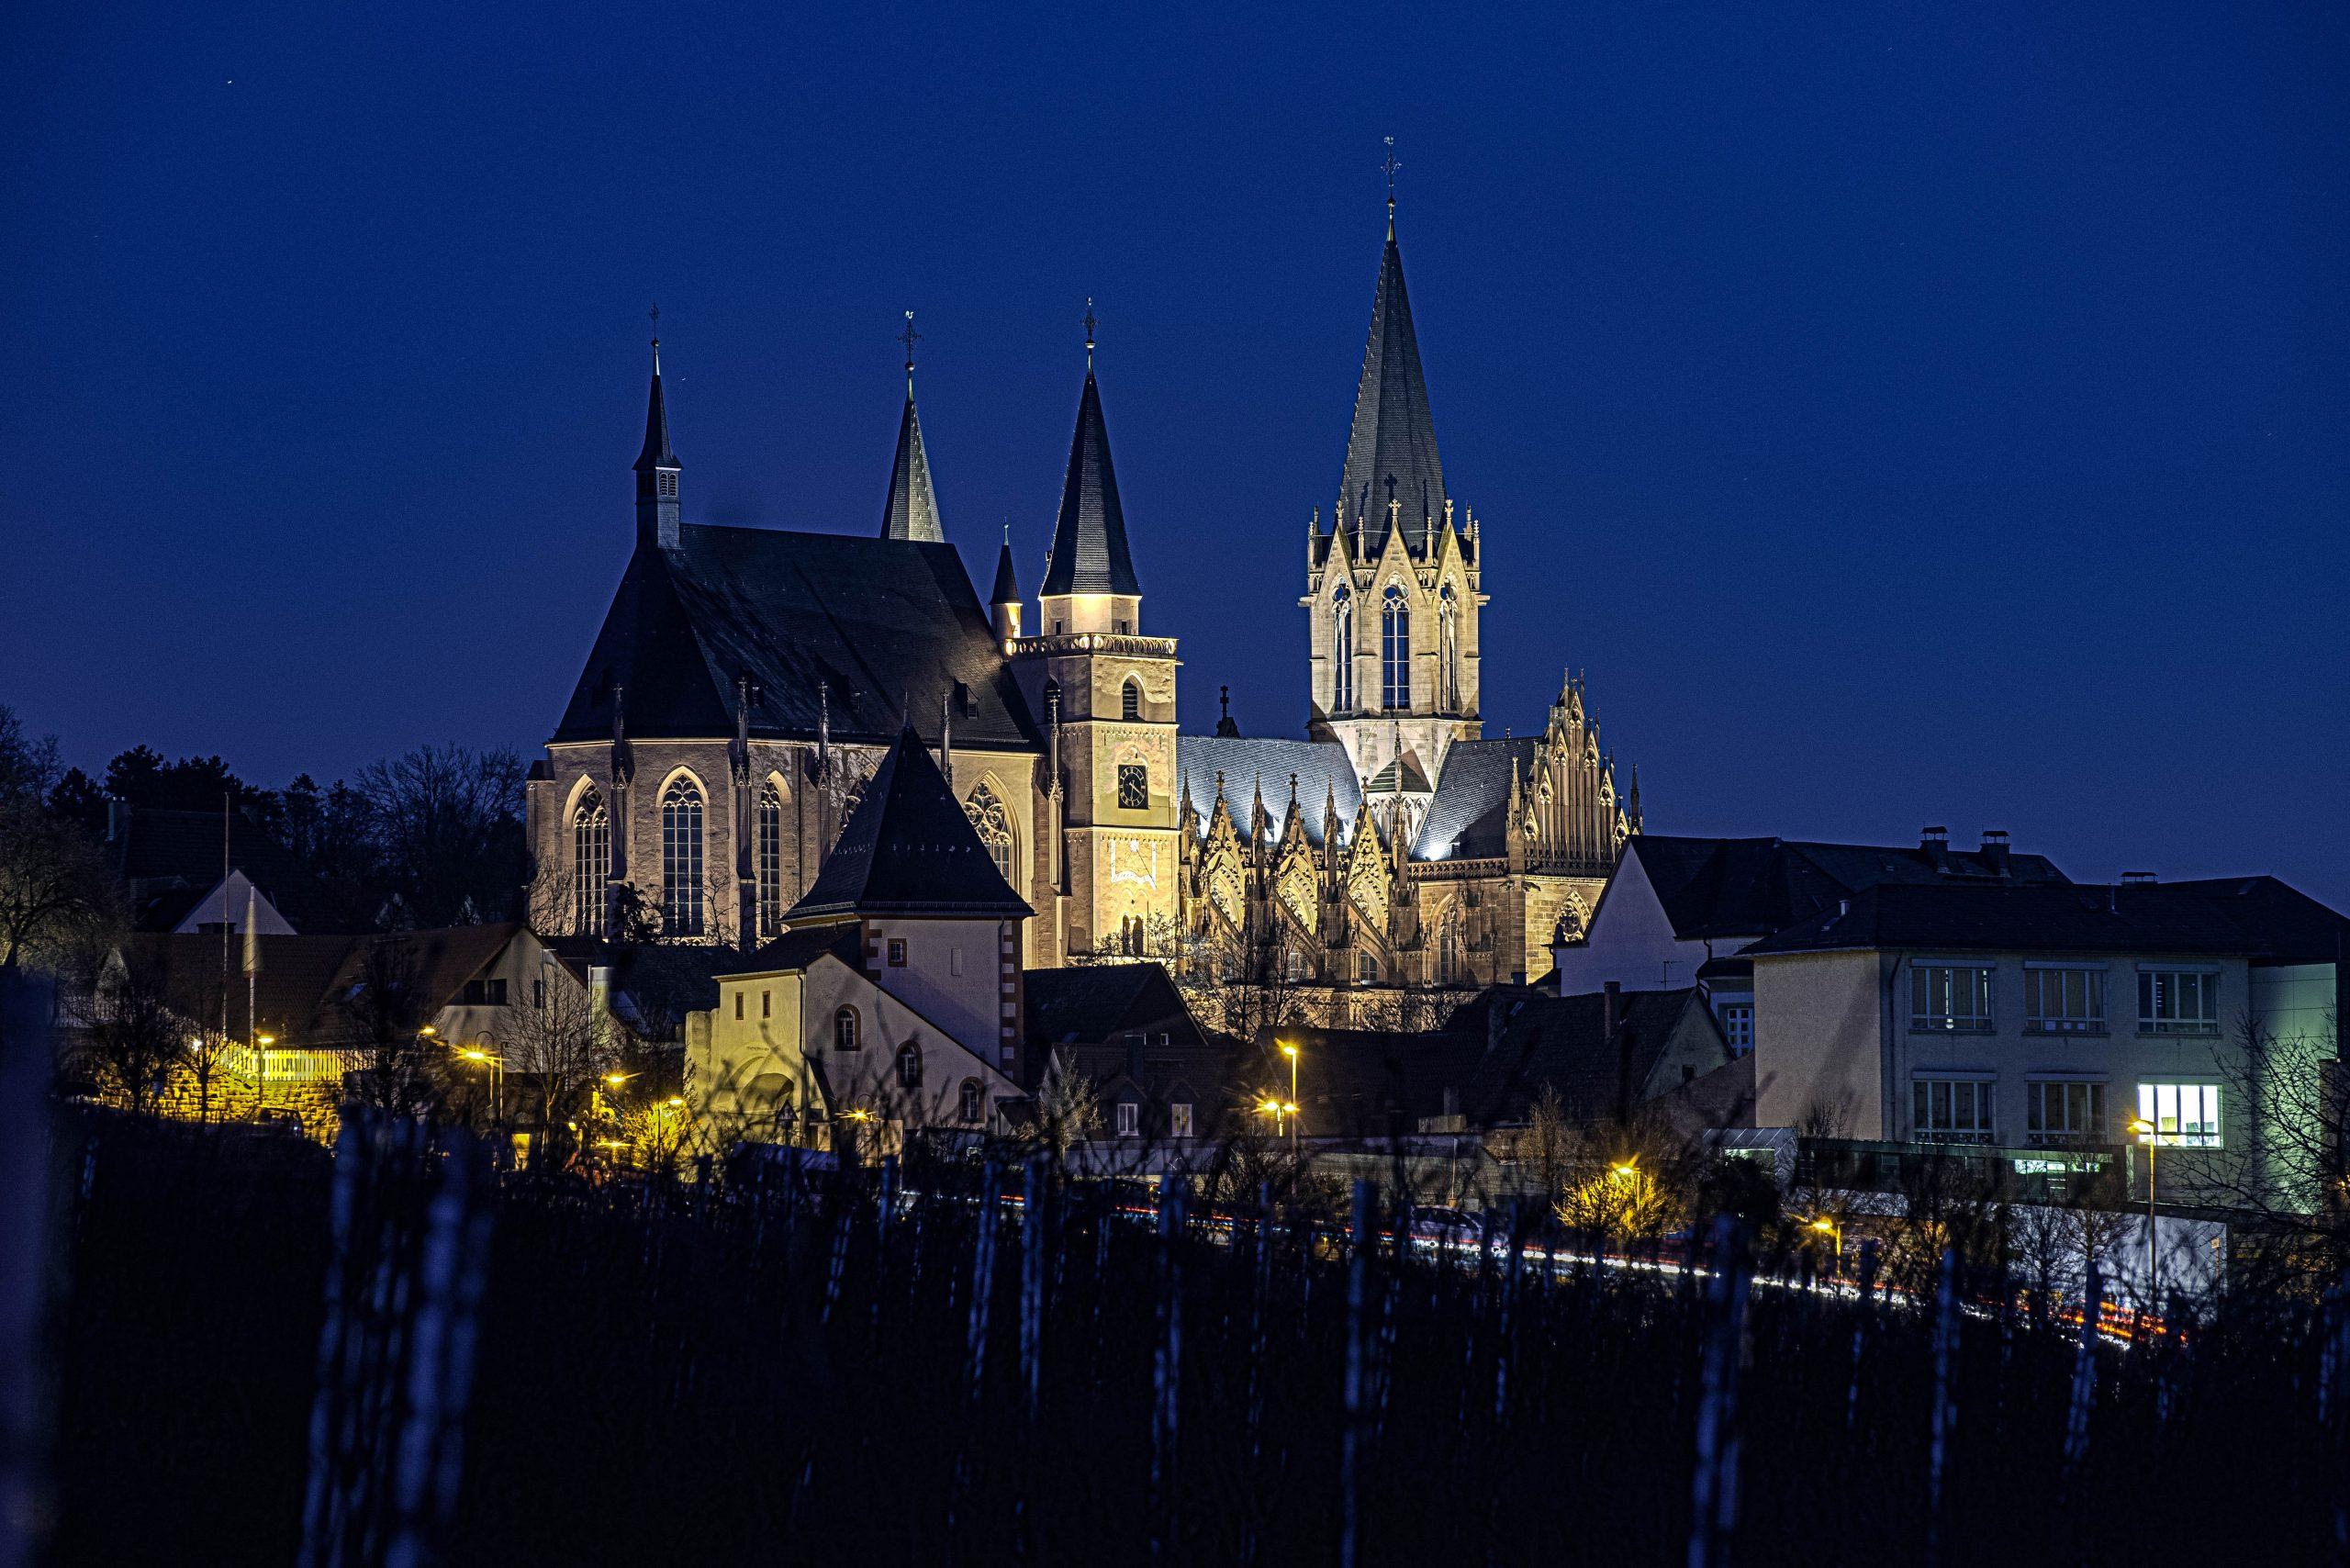 Das HDR-Bild der Katharinenkirche